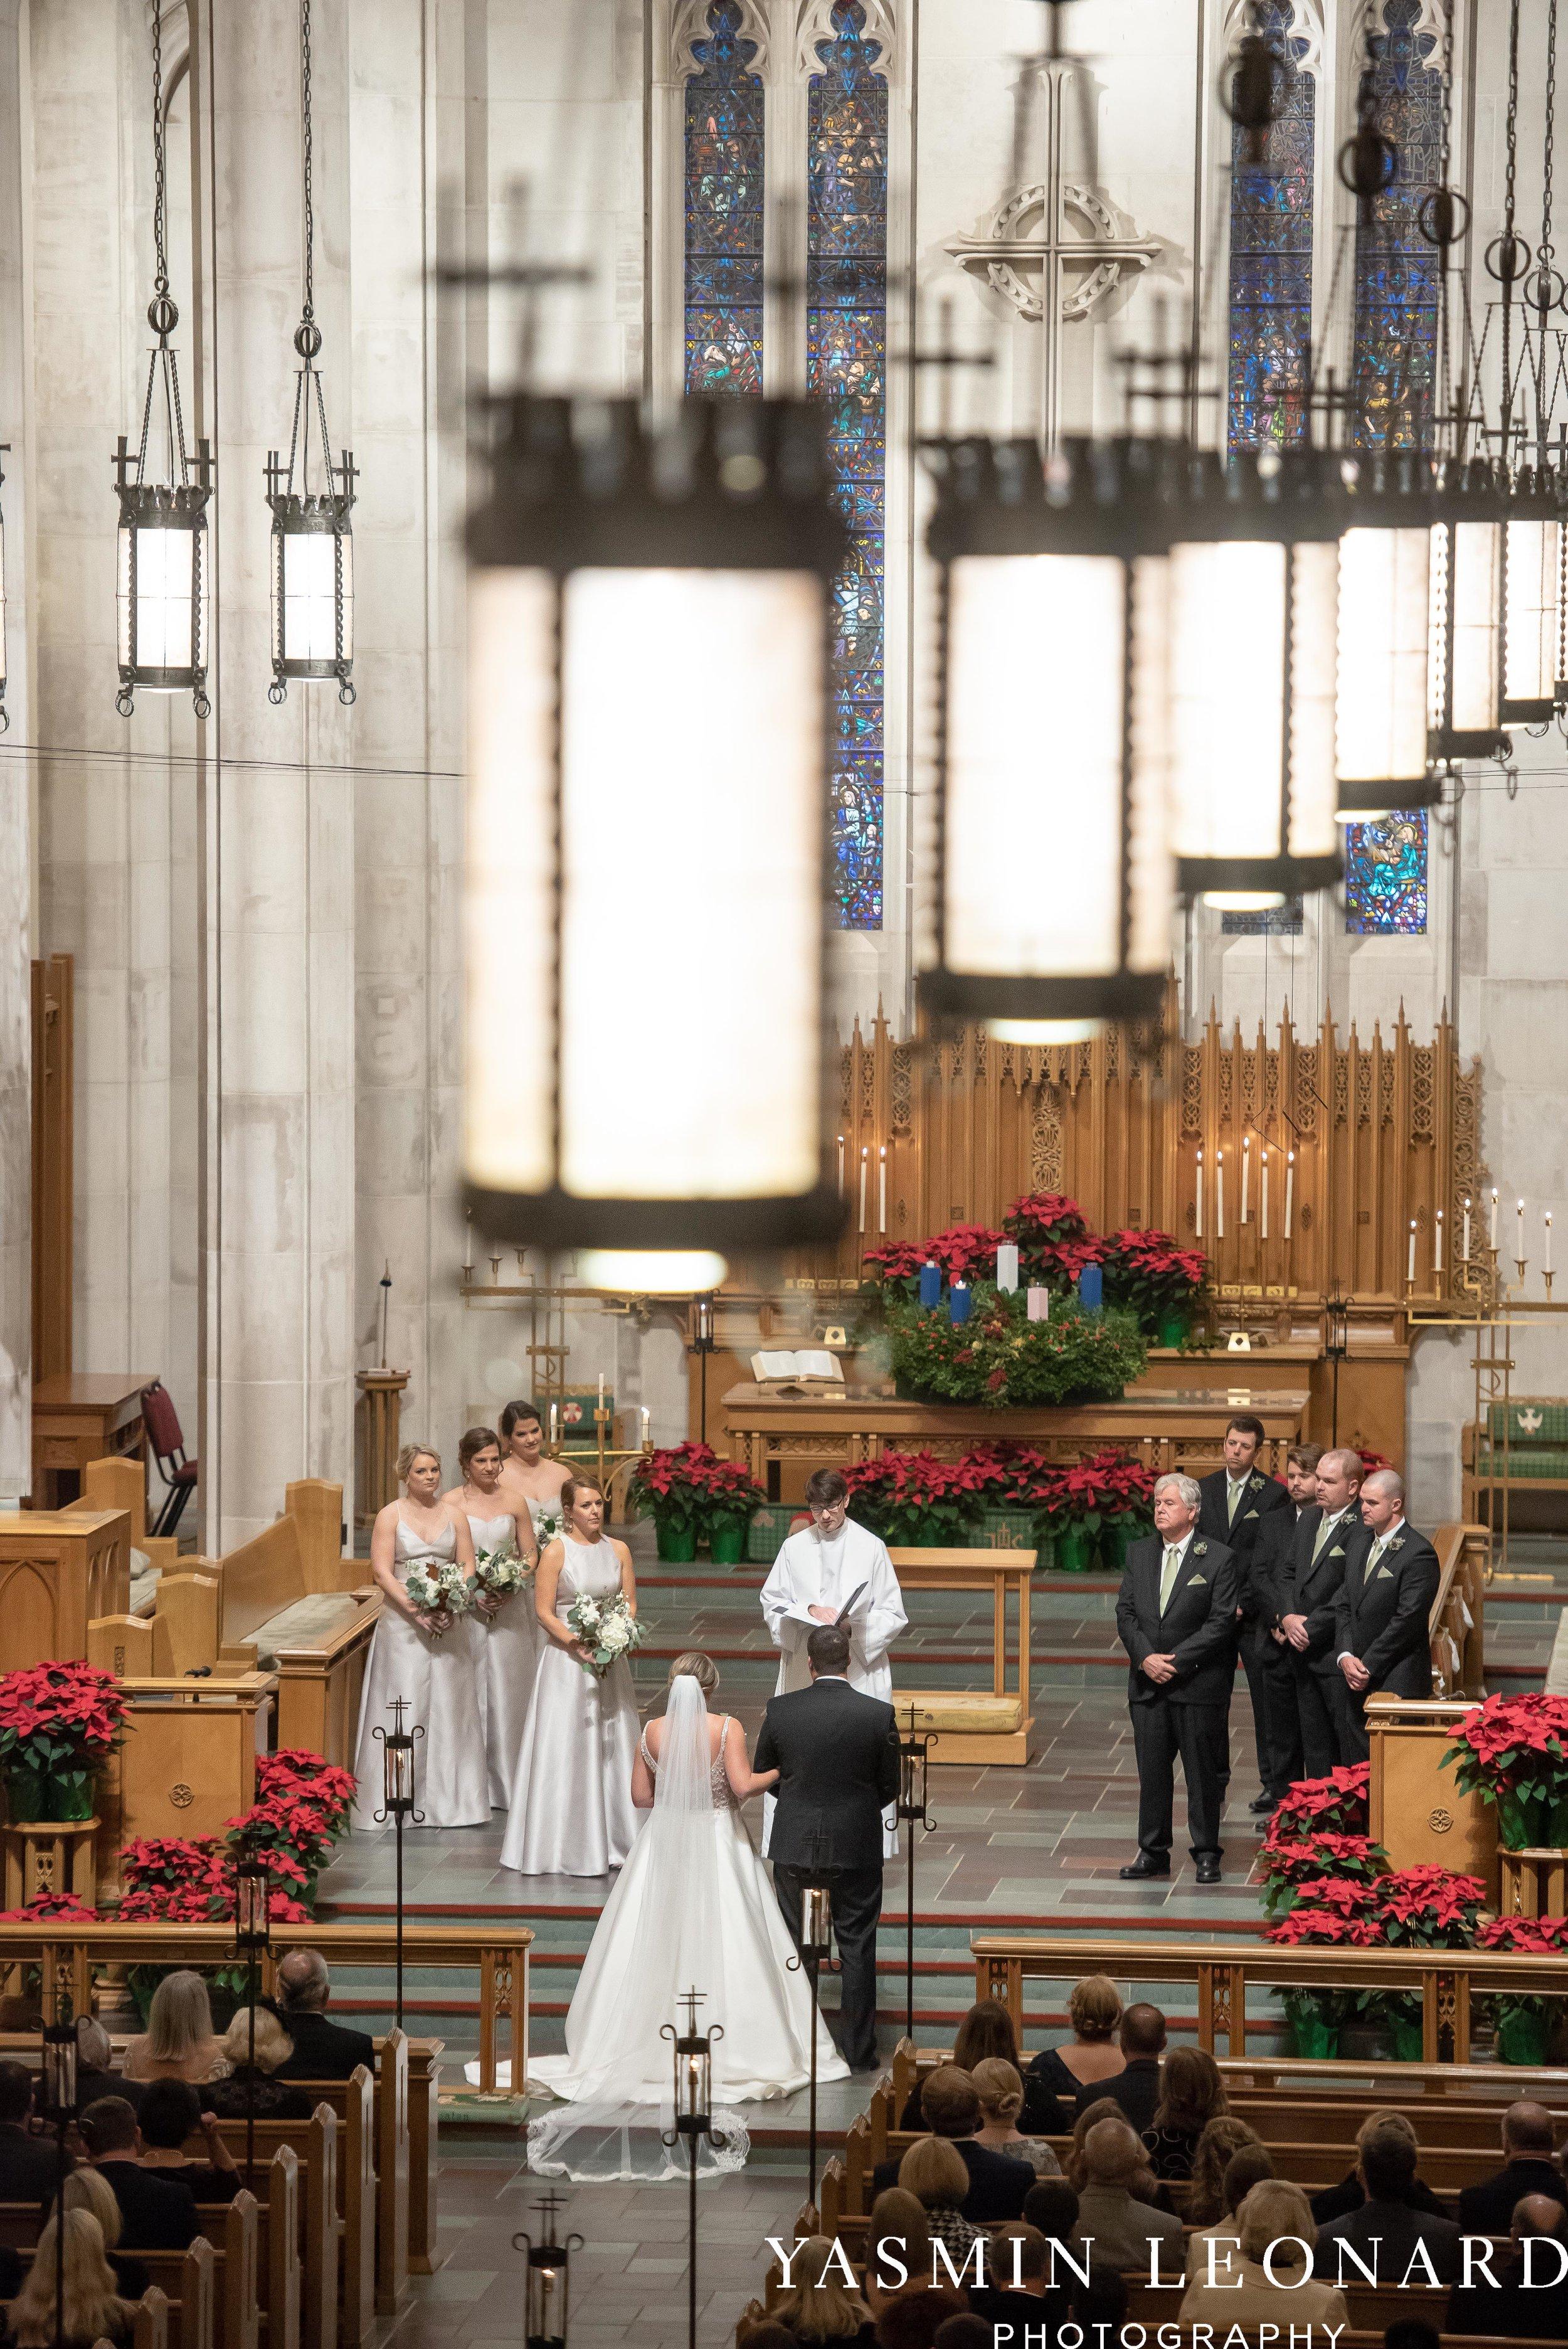 Adaumont Farm - Wesley Memorial Weddings - High Point Weddings - Just Priceless - NC Wedding Photographer - Yasmin Leonard Photography - High Point Wedding Vendors-30.jpg